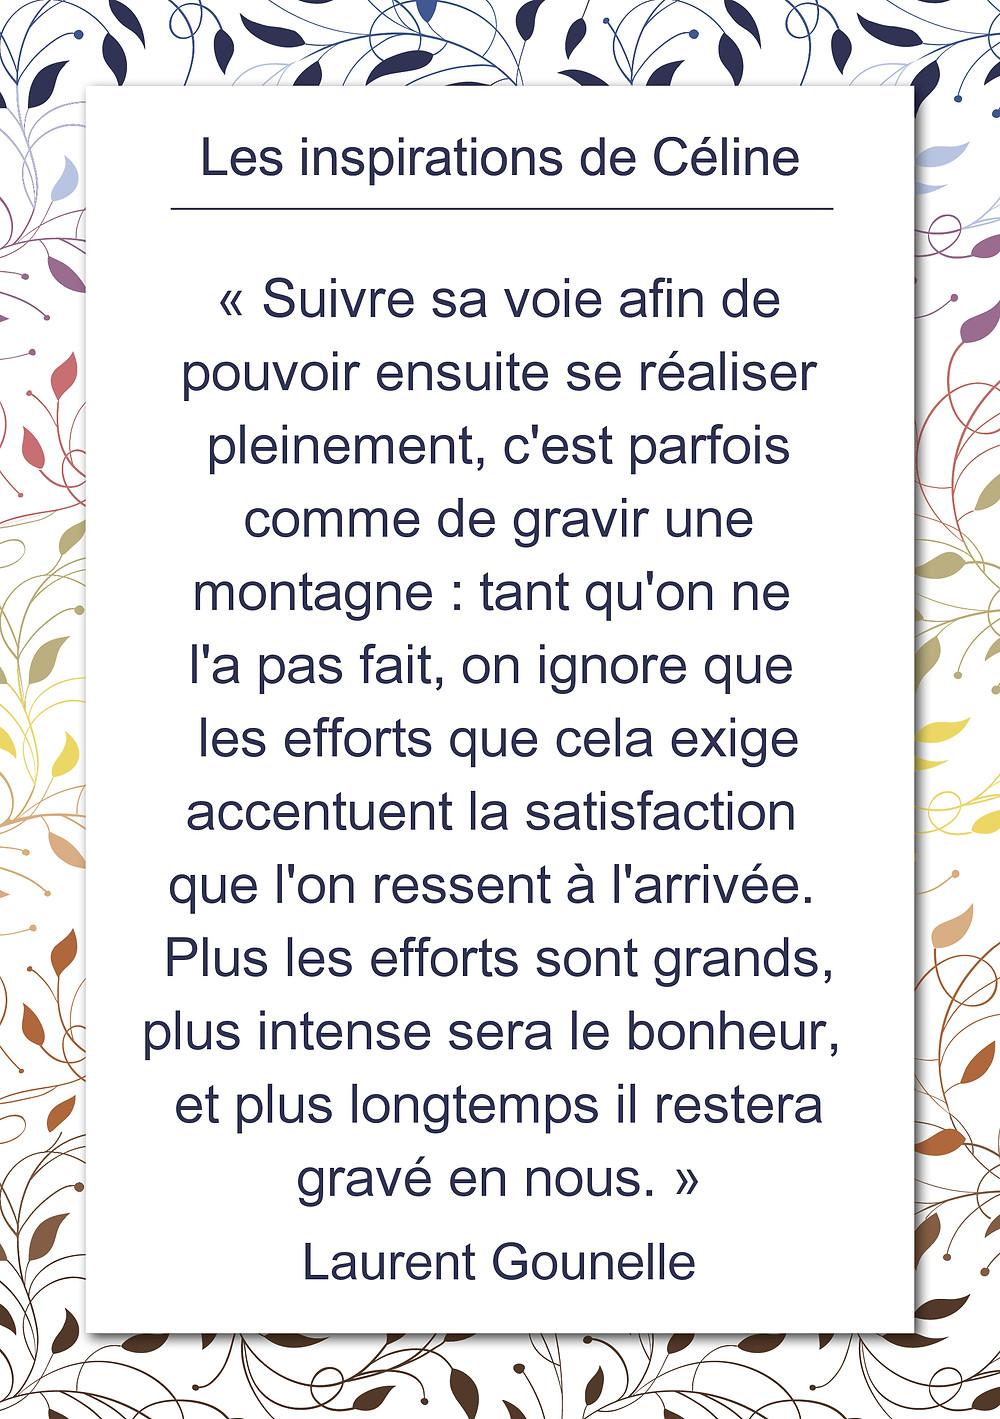 Les inspirations de Céline Kempf, citation de Laurent Gounelle, suivre sa voie et se réaliser